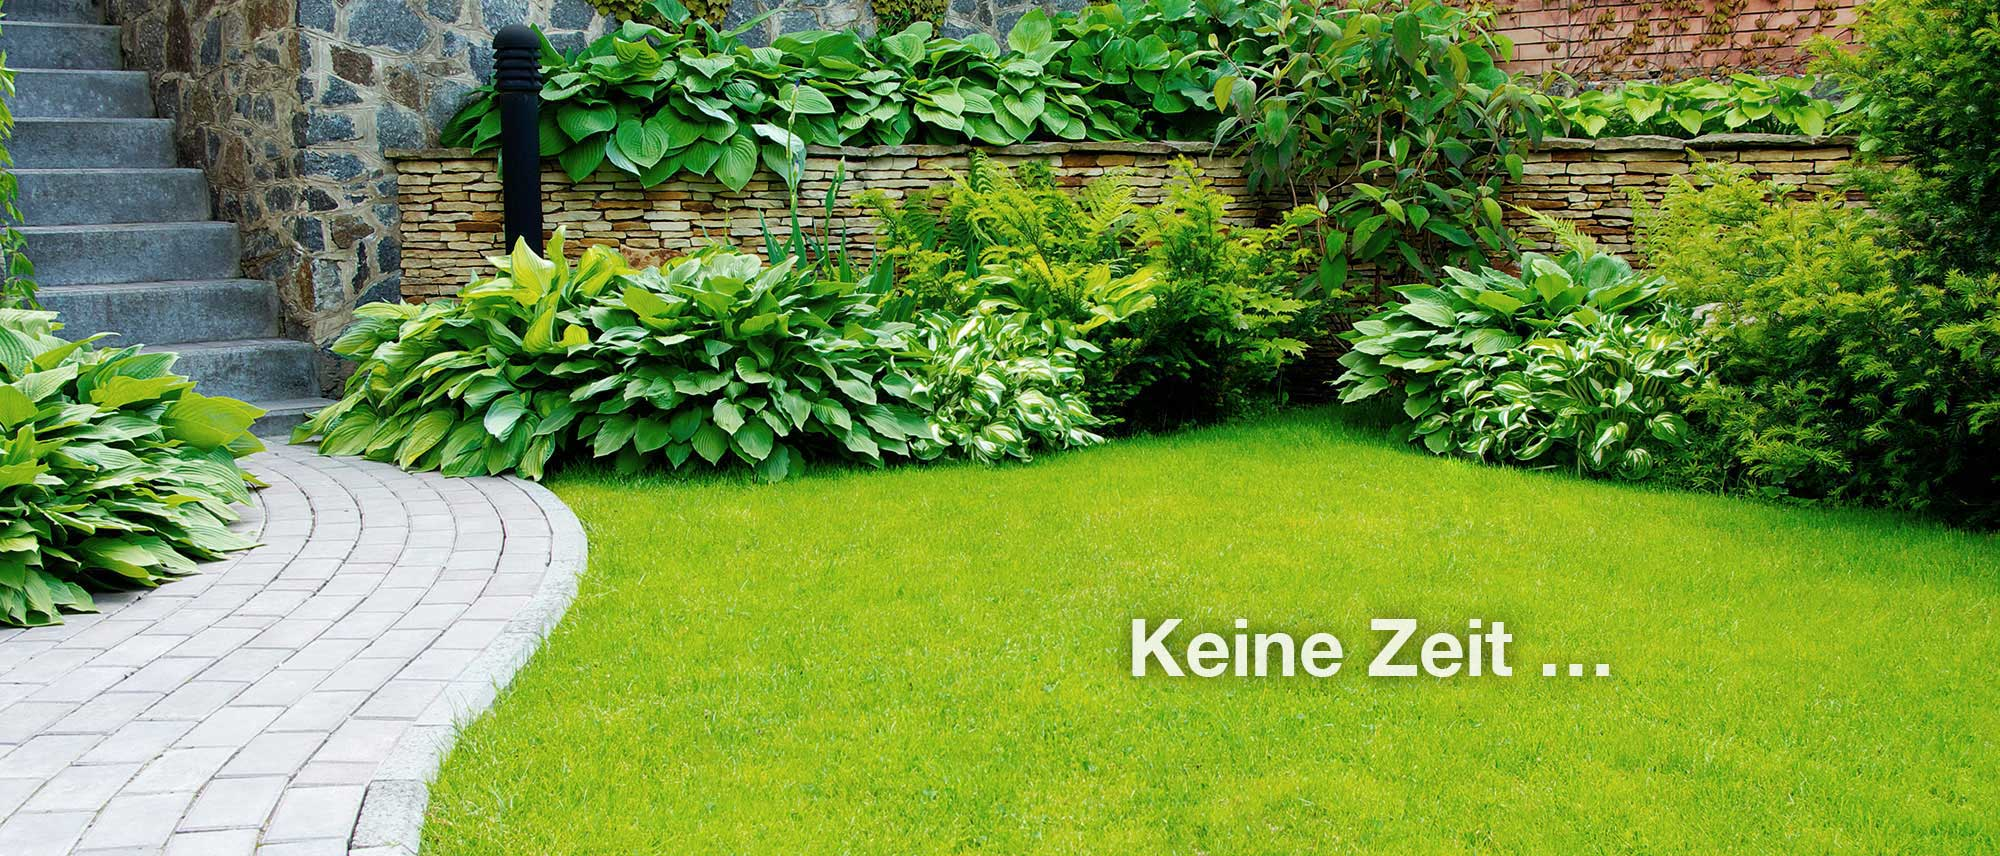 Awesome haus und garten gallery amazing home ideas for Garten und haus